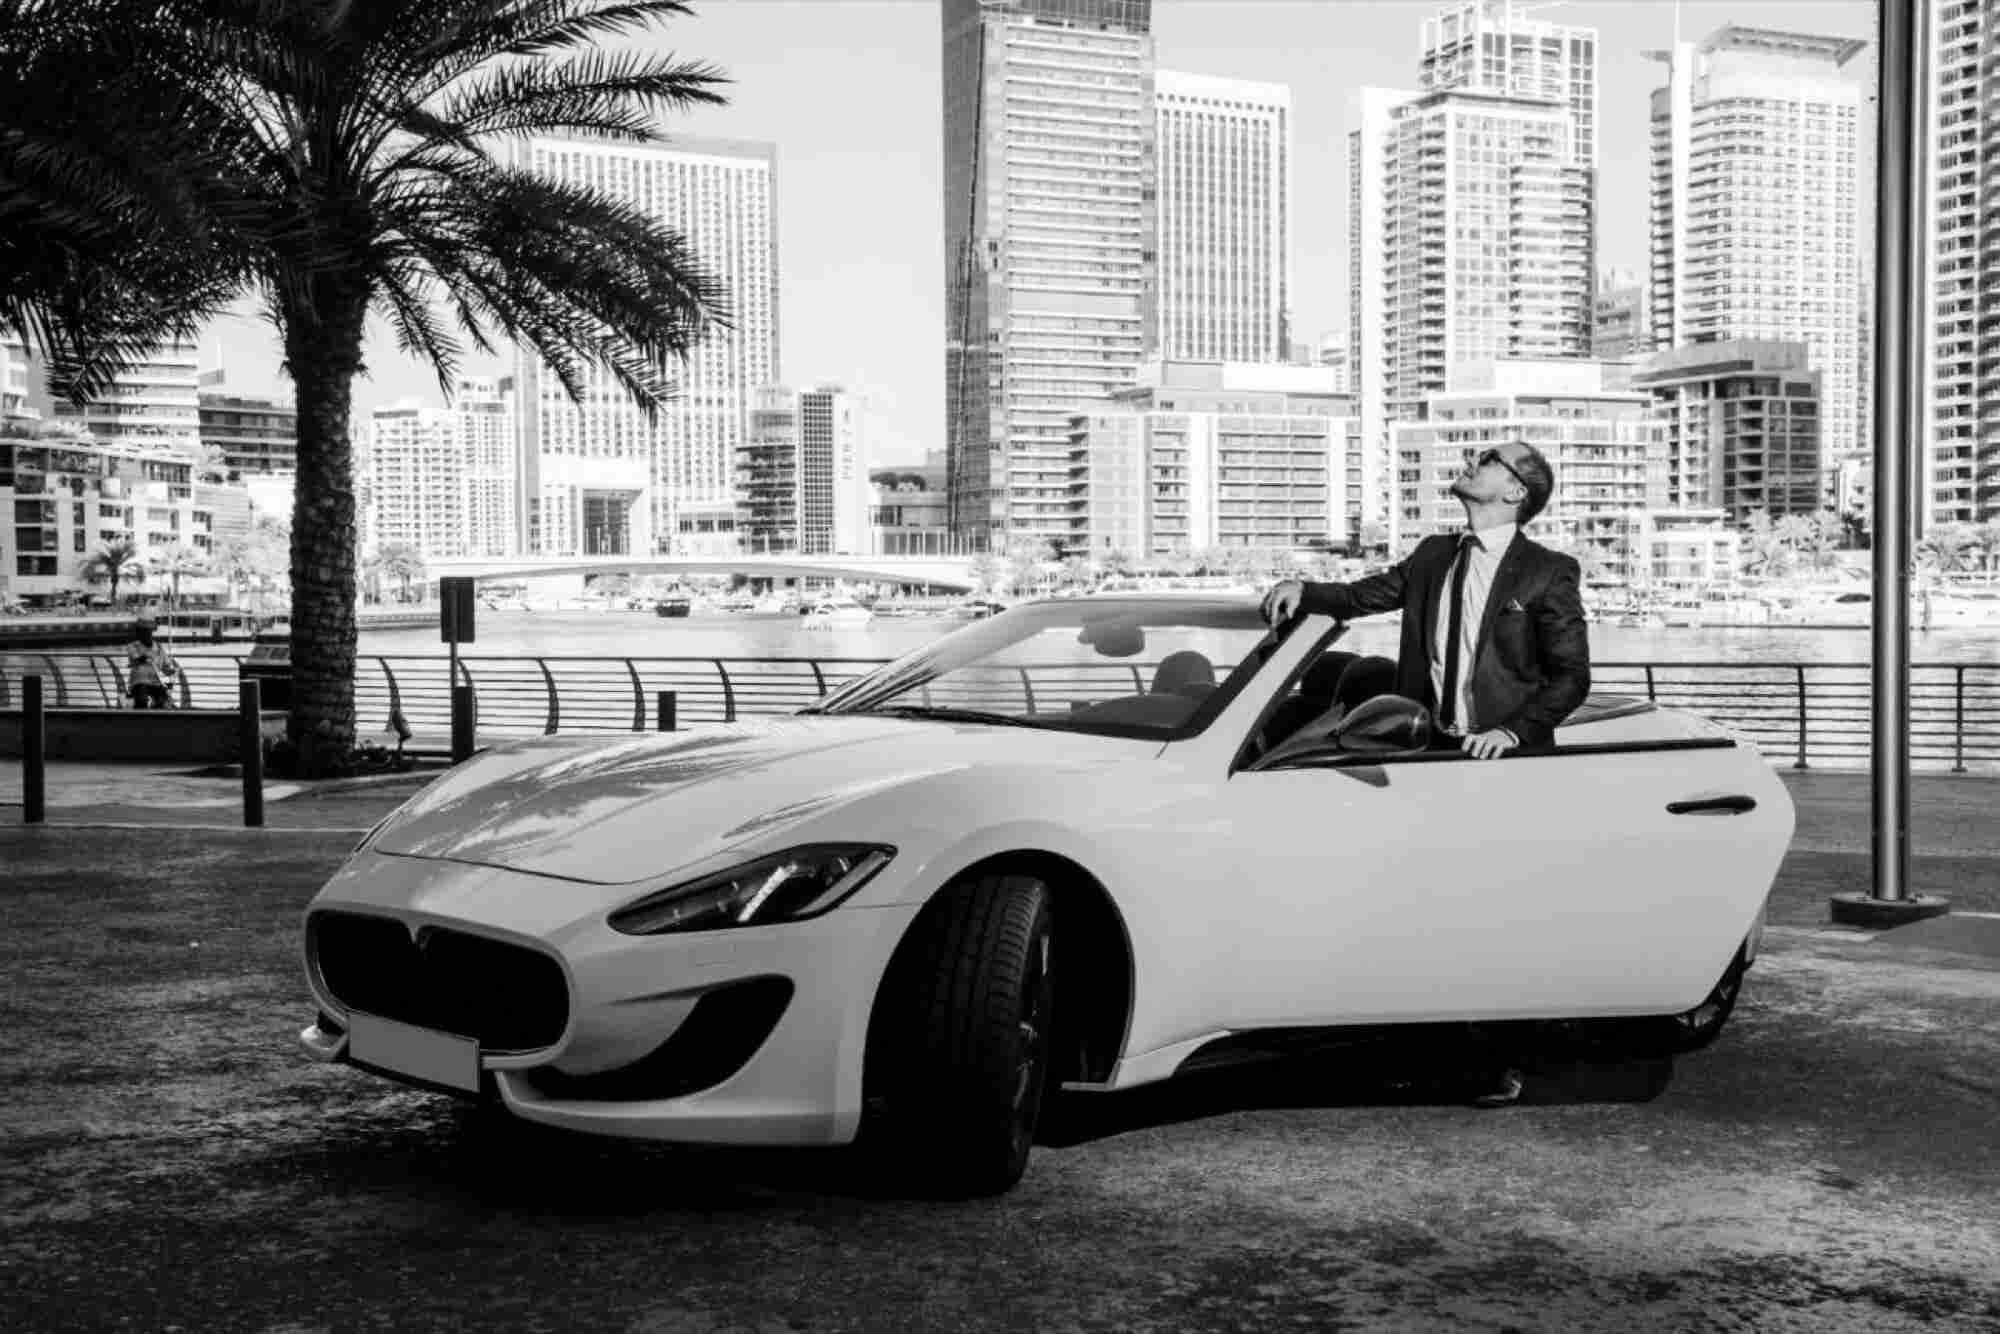 Pierde estos 12 malos hábitos si quieres convertirte en millonario en serio